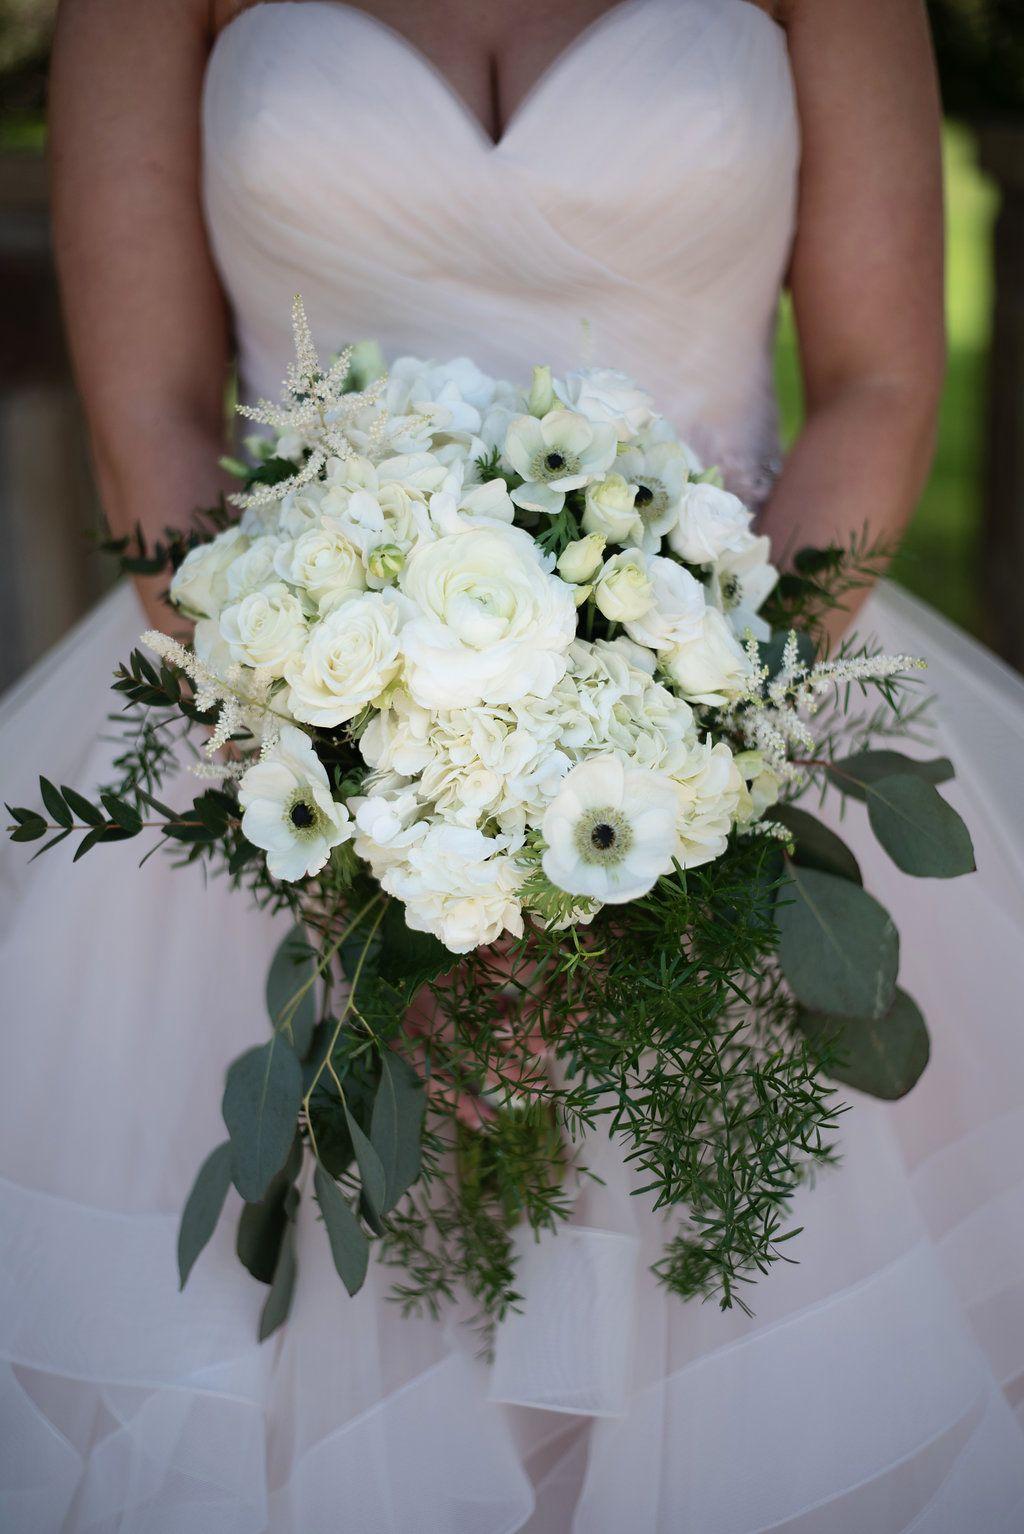 Wedding reception wedding decorations 2018 november 2018 white bouquet  modern bouquet   bouquet  white wedding